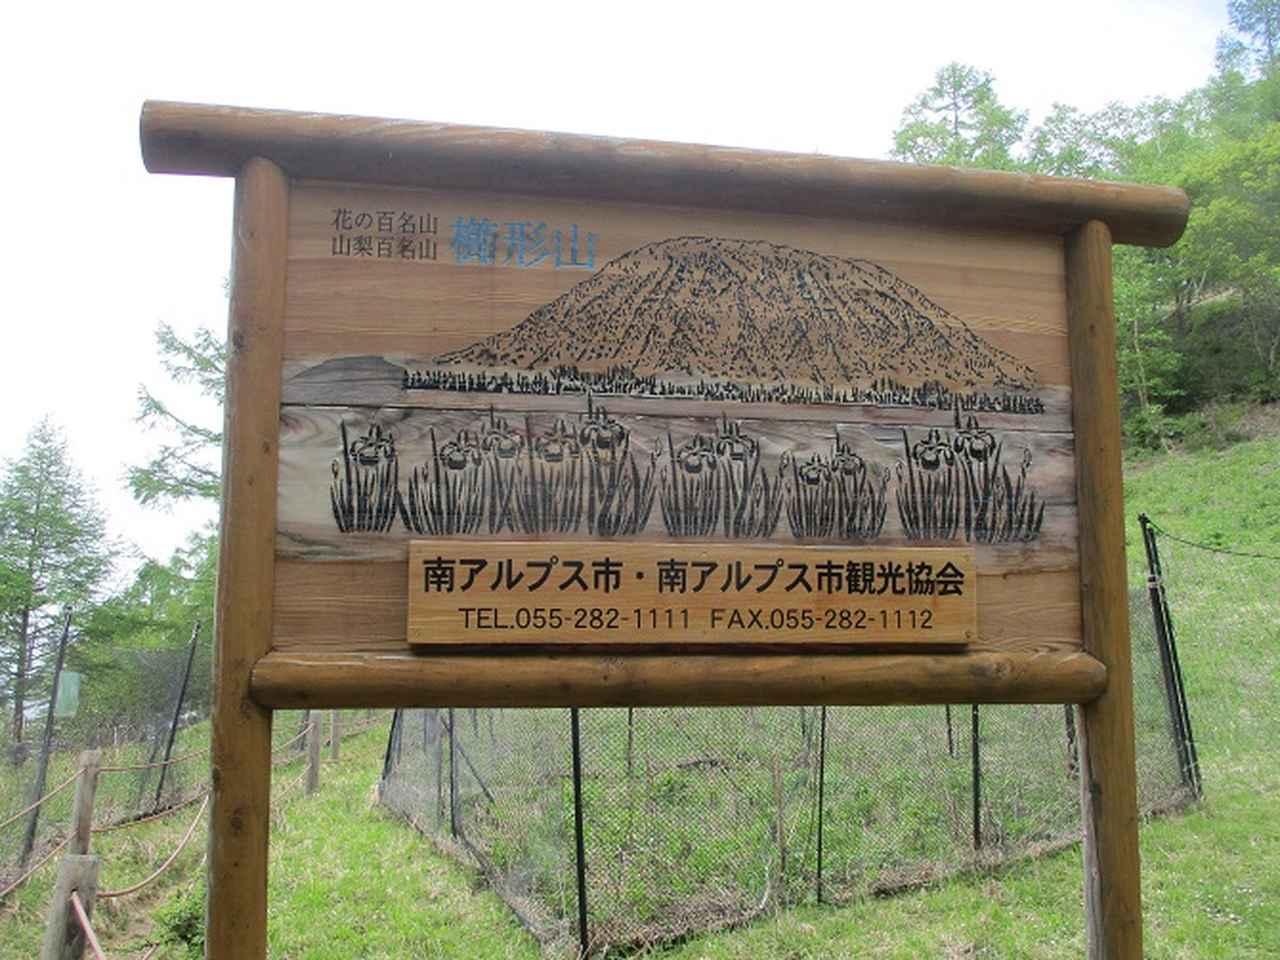 画像6: 7月の山旅会 「櫛形山」 ツアーの下見に行ってきました!